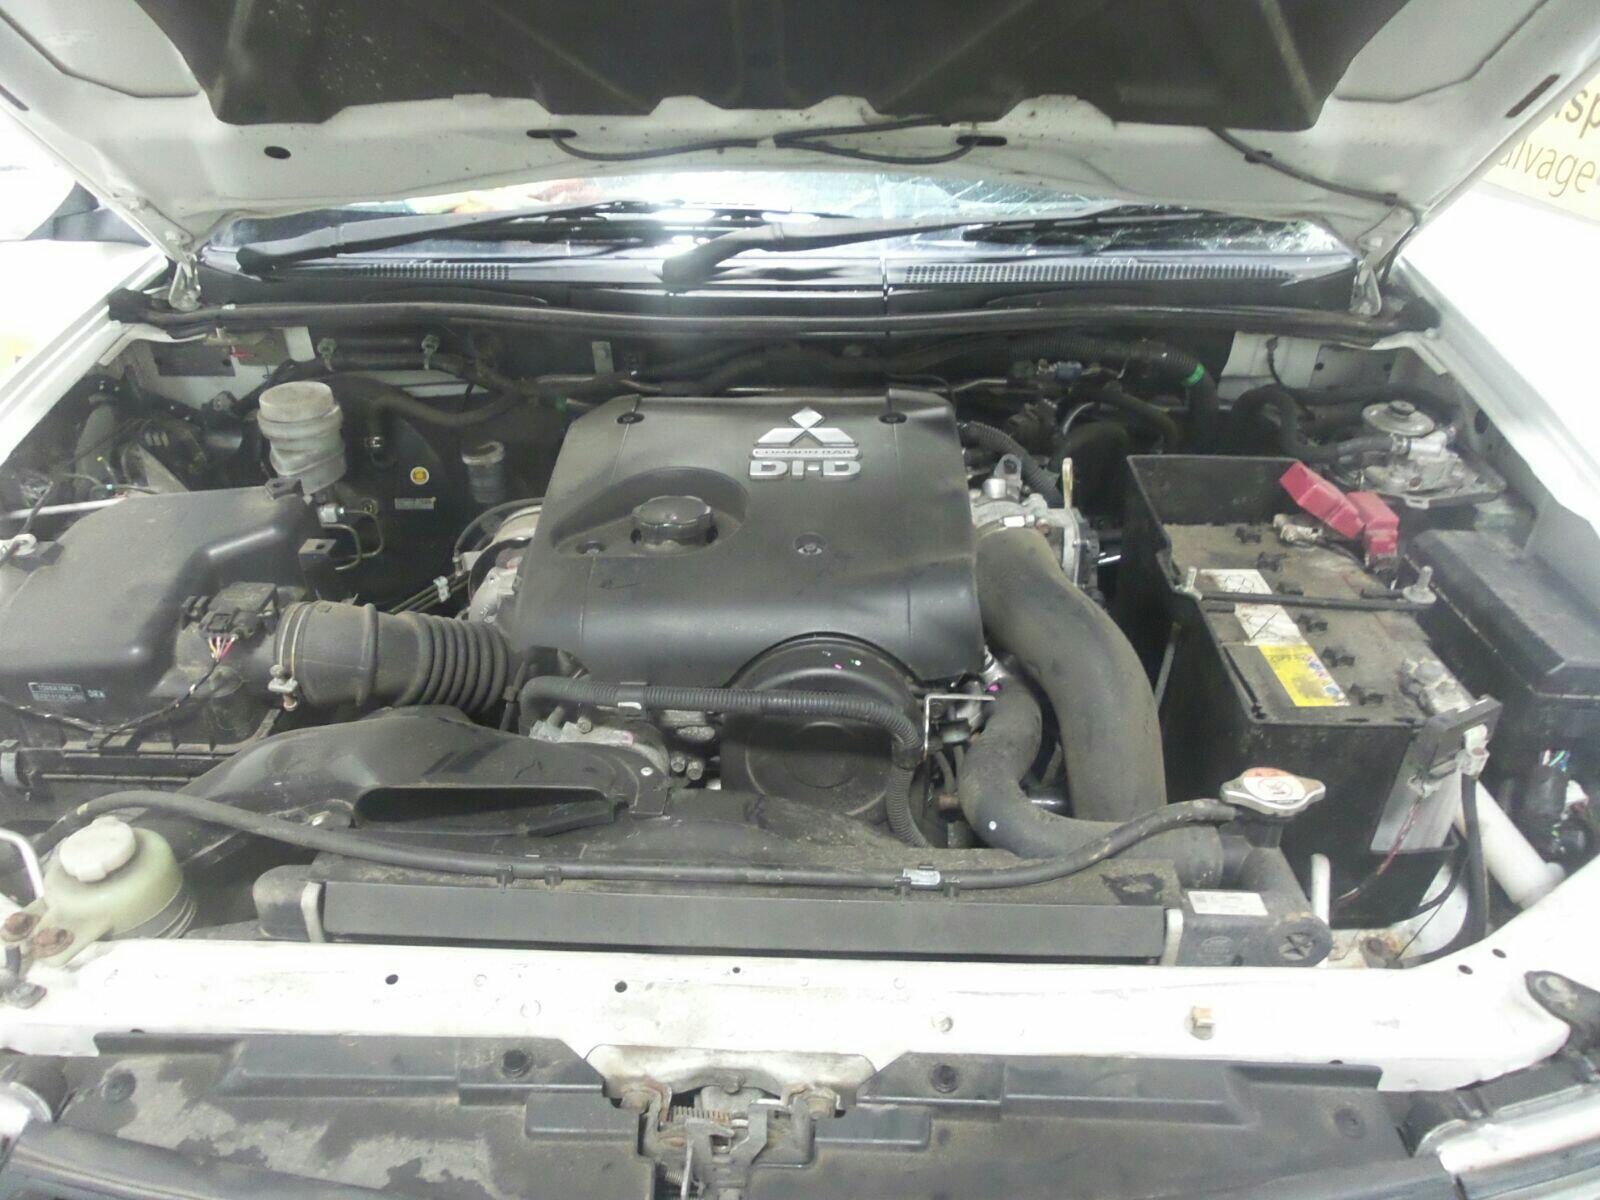 2014 Mitsubishi L200 2013 To 2015 Pick-Up (Diesel / Manual